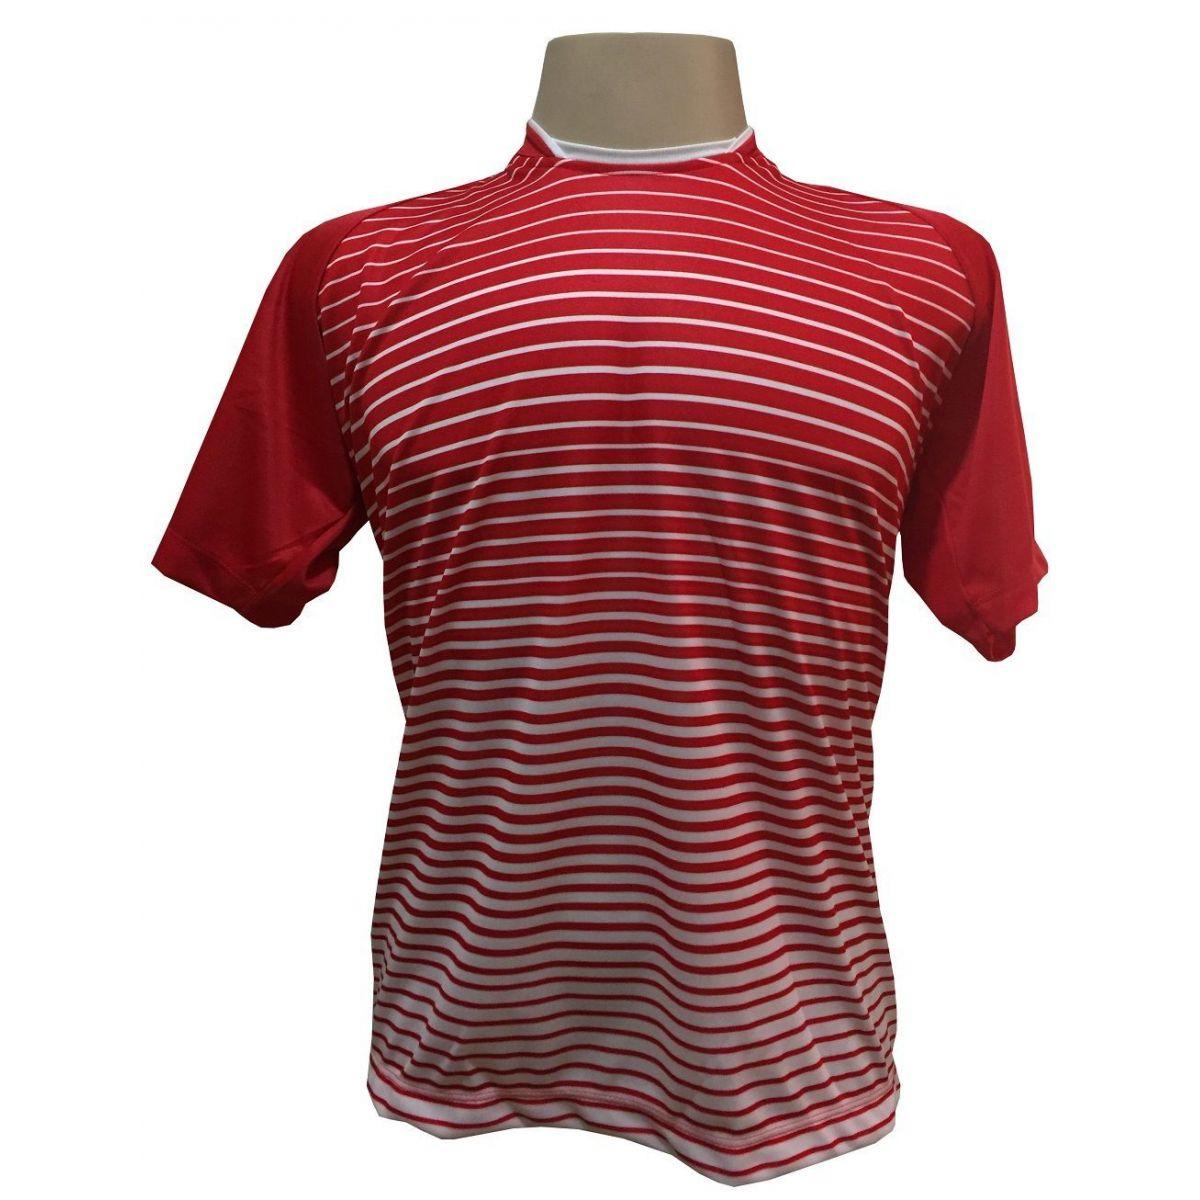 Fardamento Completo modelo City 18+1 (18 Camisas Vermelho/Preto + 18 Calções Madrid Vermelho + 18 Pares de Meiões Pretos + 1 Conjunto de Goleiro) + Brindes